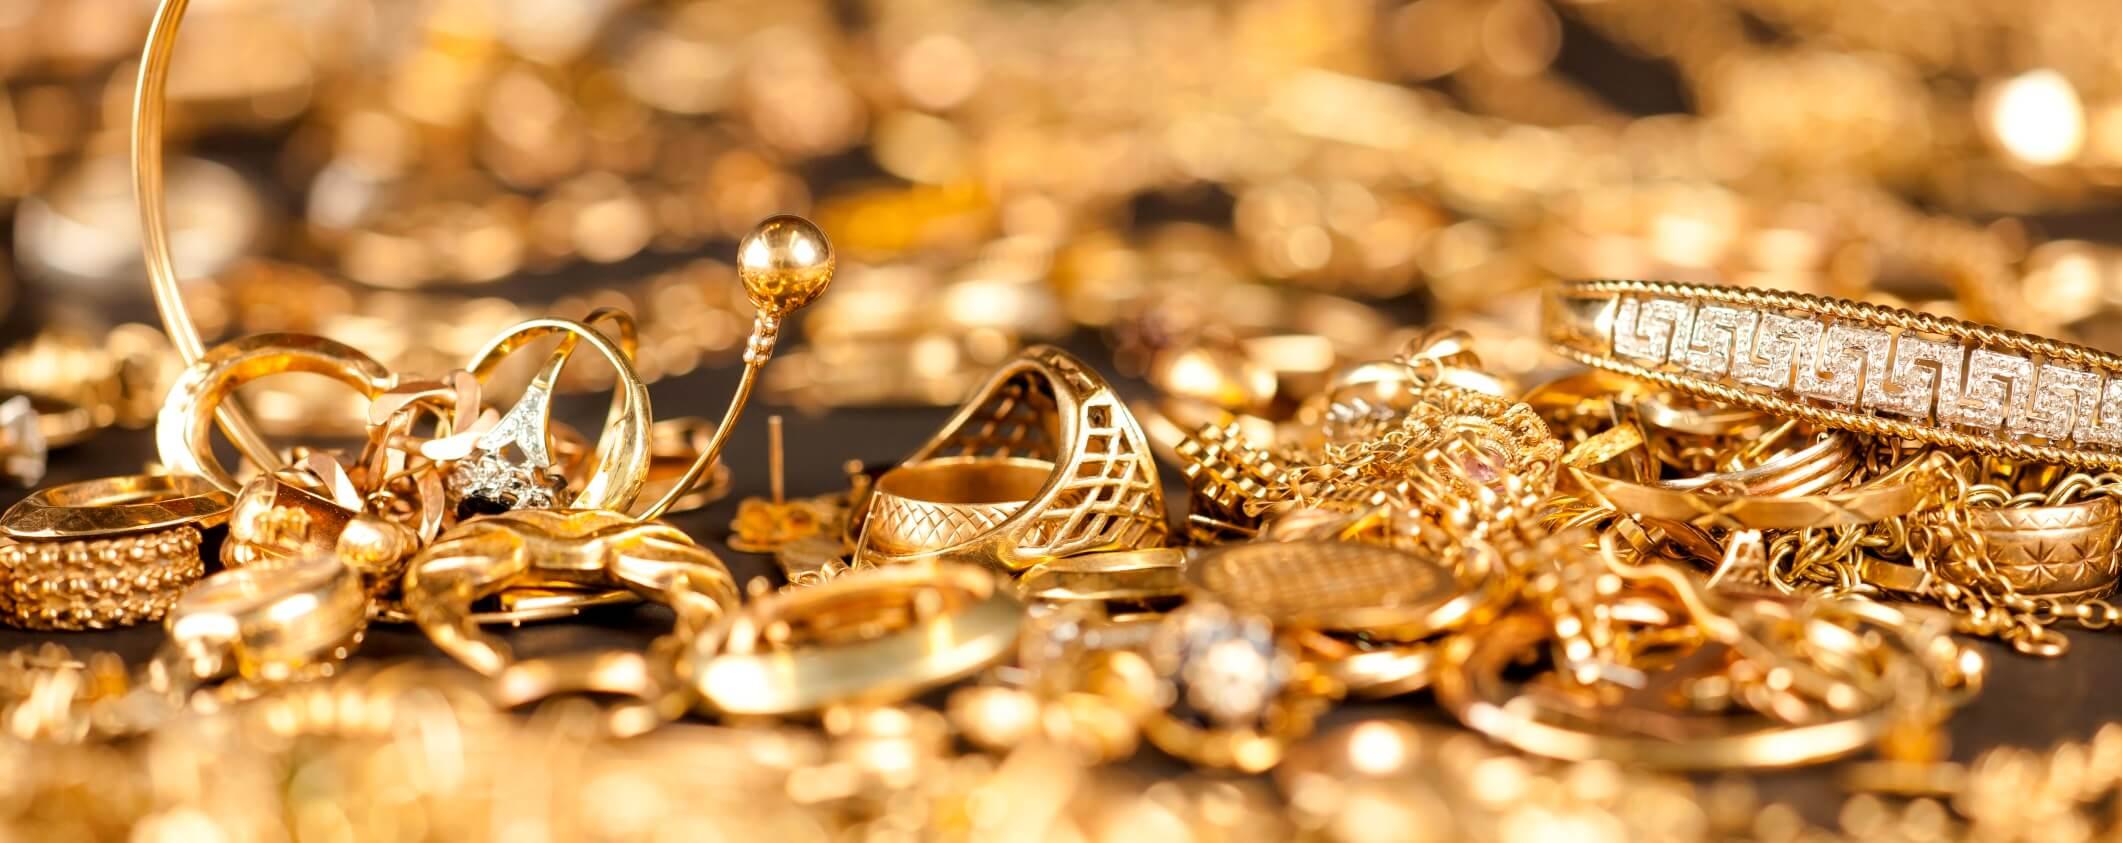 8eaf804f2674 Vender oro al mejor precio  compra de oro en internet - Corazón de Joyas